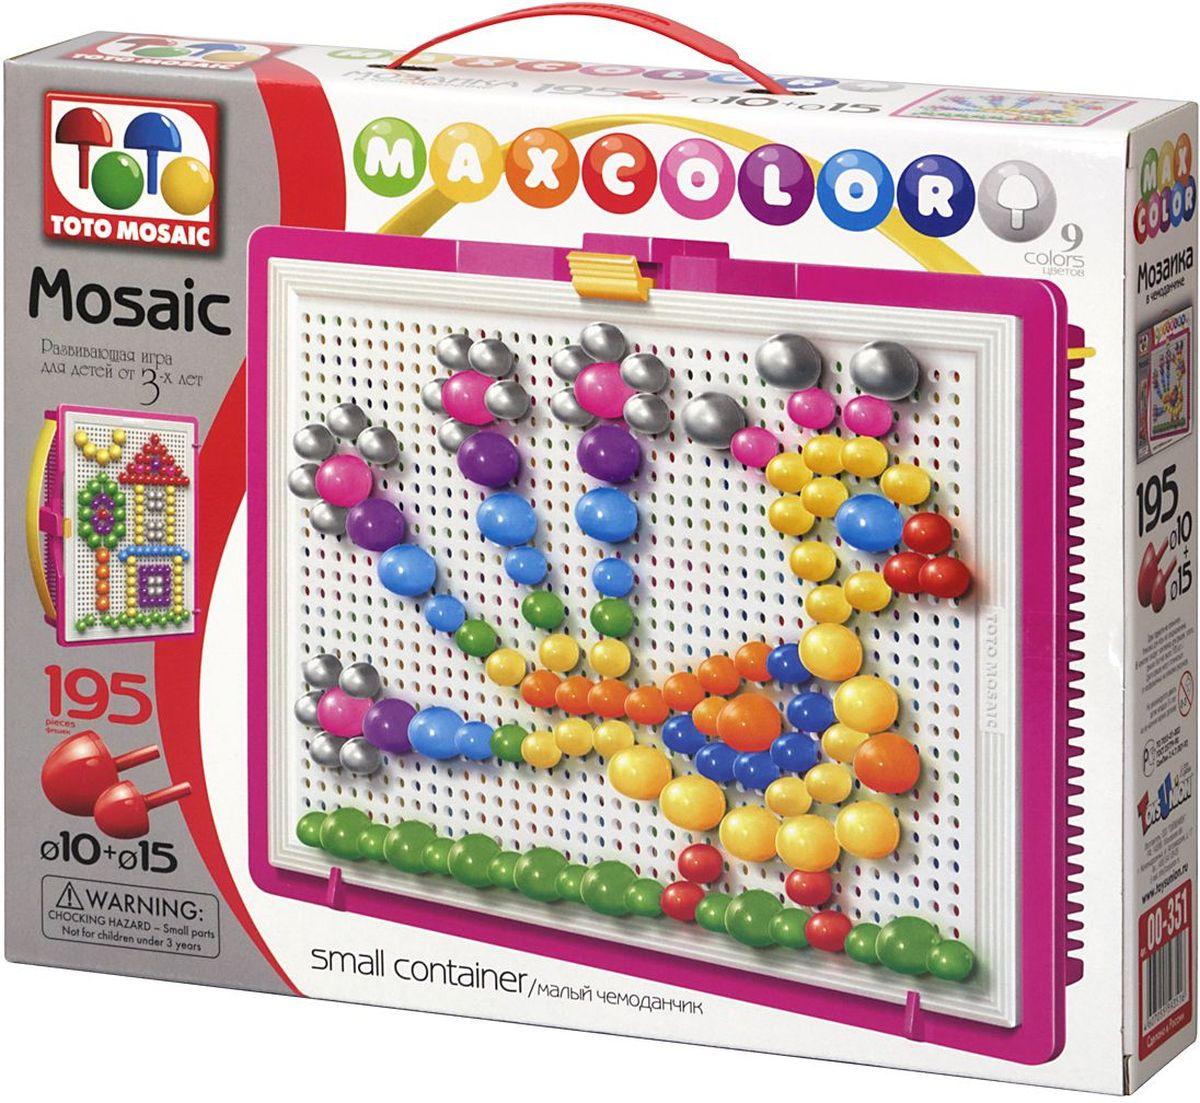 Toto Mosaic Мозаика Жар-птица00-351Мозаика «MAXCOLOR» Smal container – яркая, увлекательная, развивающая игра для детей от 3-х лет и старше. Она способствует развитию творческих способностей ребенка, его воображения, внимания, усидчивости, умению доводить начатое дело до конца, а так же координации и моторики движения рук. Все эти качества делают мозаику незаменимым пособием для успешной подготовки ребят 3-5 лет к началу обучения в школе. Комплектация «MAXCOLOR» ФИШКИ Игра комплектуется фишками различного размера (o 20, o 15, o 10, o 5) округлой формы, которые удобно и приятно держать в руках, поэтому с ними справится даже самый крохотный малыш. Фишки o 20 рассчитаны на самых маленьких игроков. Так же, в этой серии имеются наборы, комплектуемые треугольными и квадратными фишками. Они рассчитаны на детей постарше. ПЛАТА Все фишки легко крепятся и легко снимаются с игрового поля – платы, которая позволяет малышу не ограничивать свои движения при складывании мозаики. Её оригинальная конструкция...